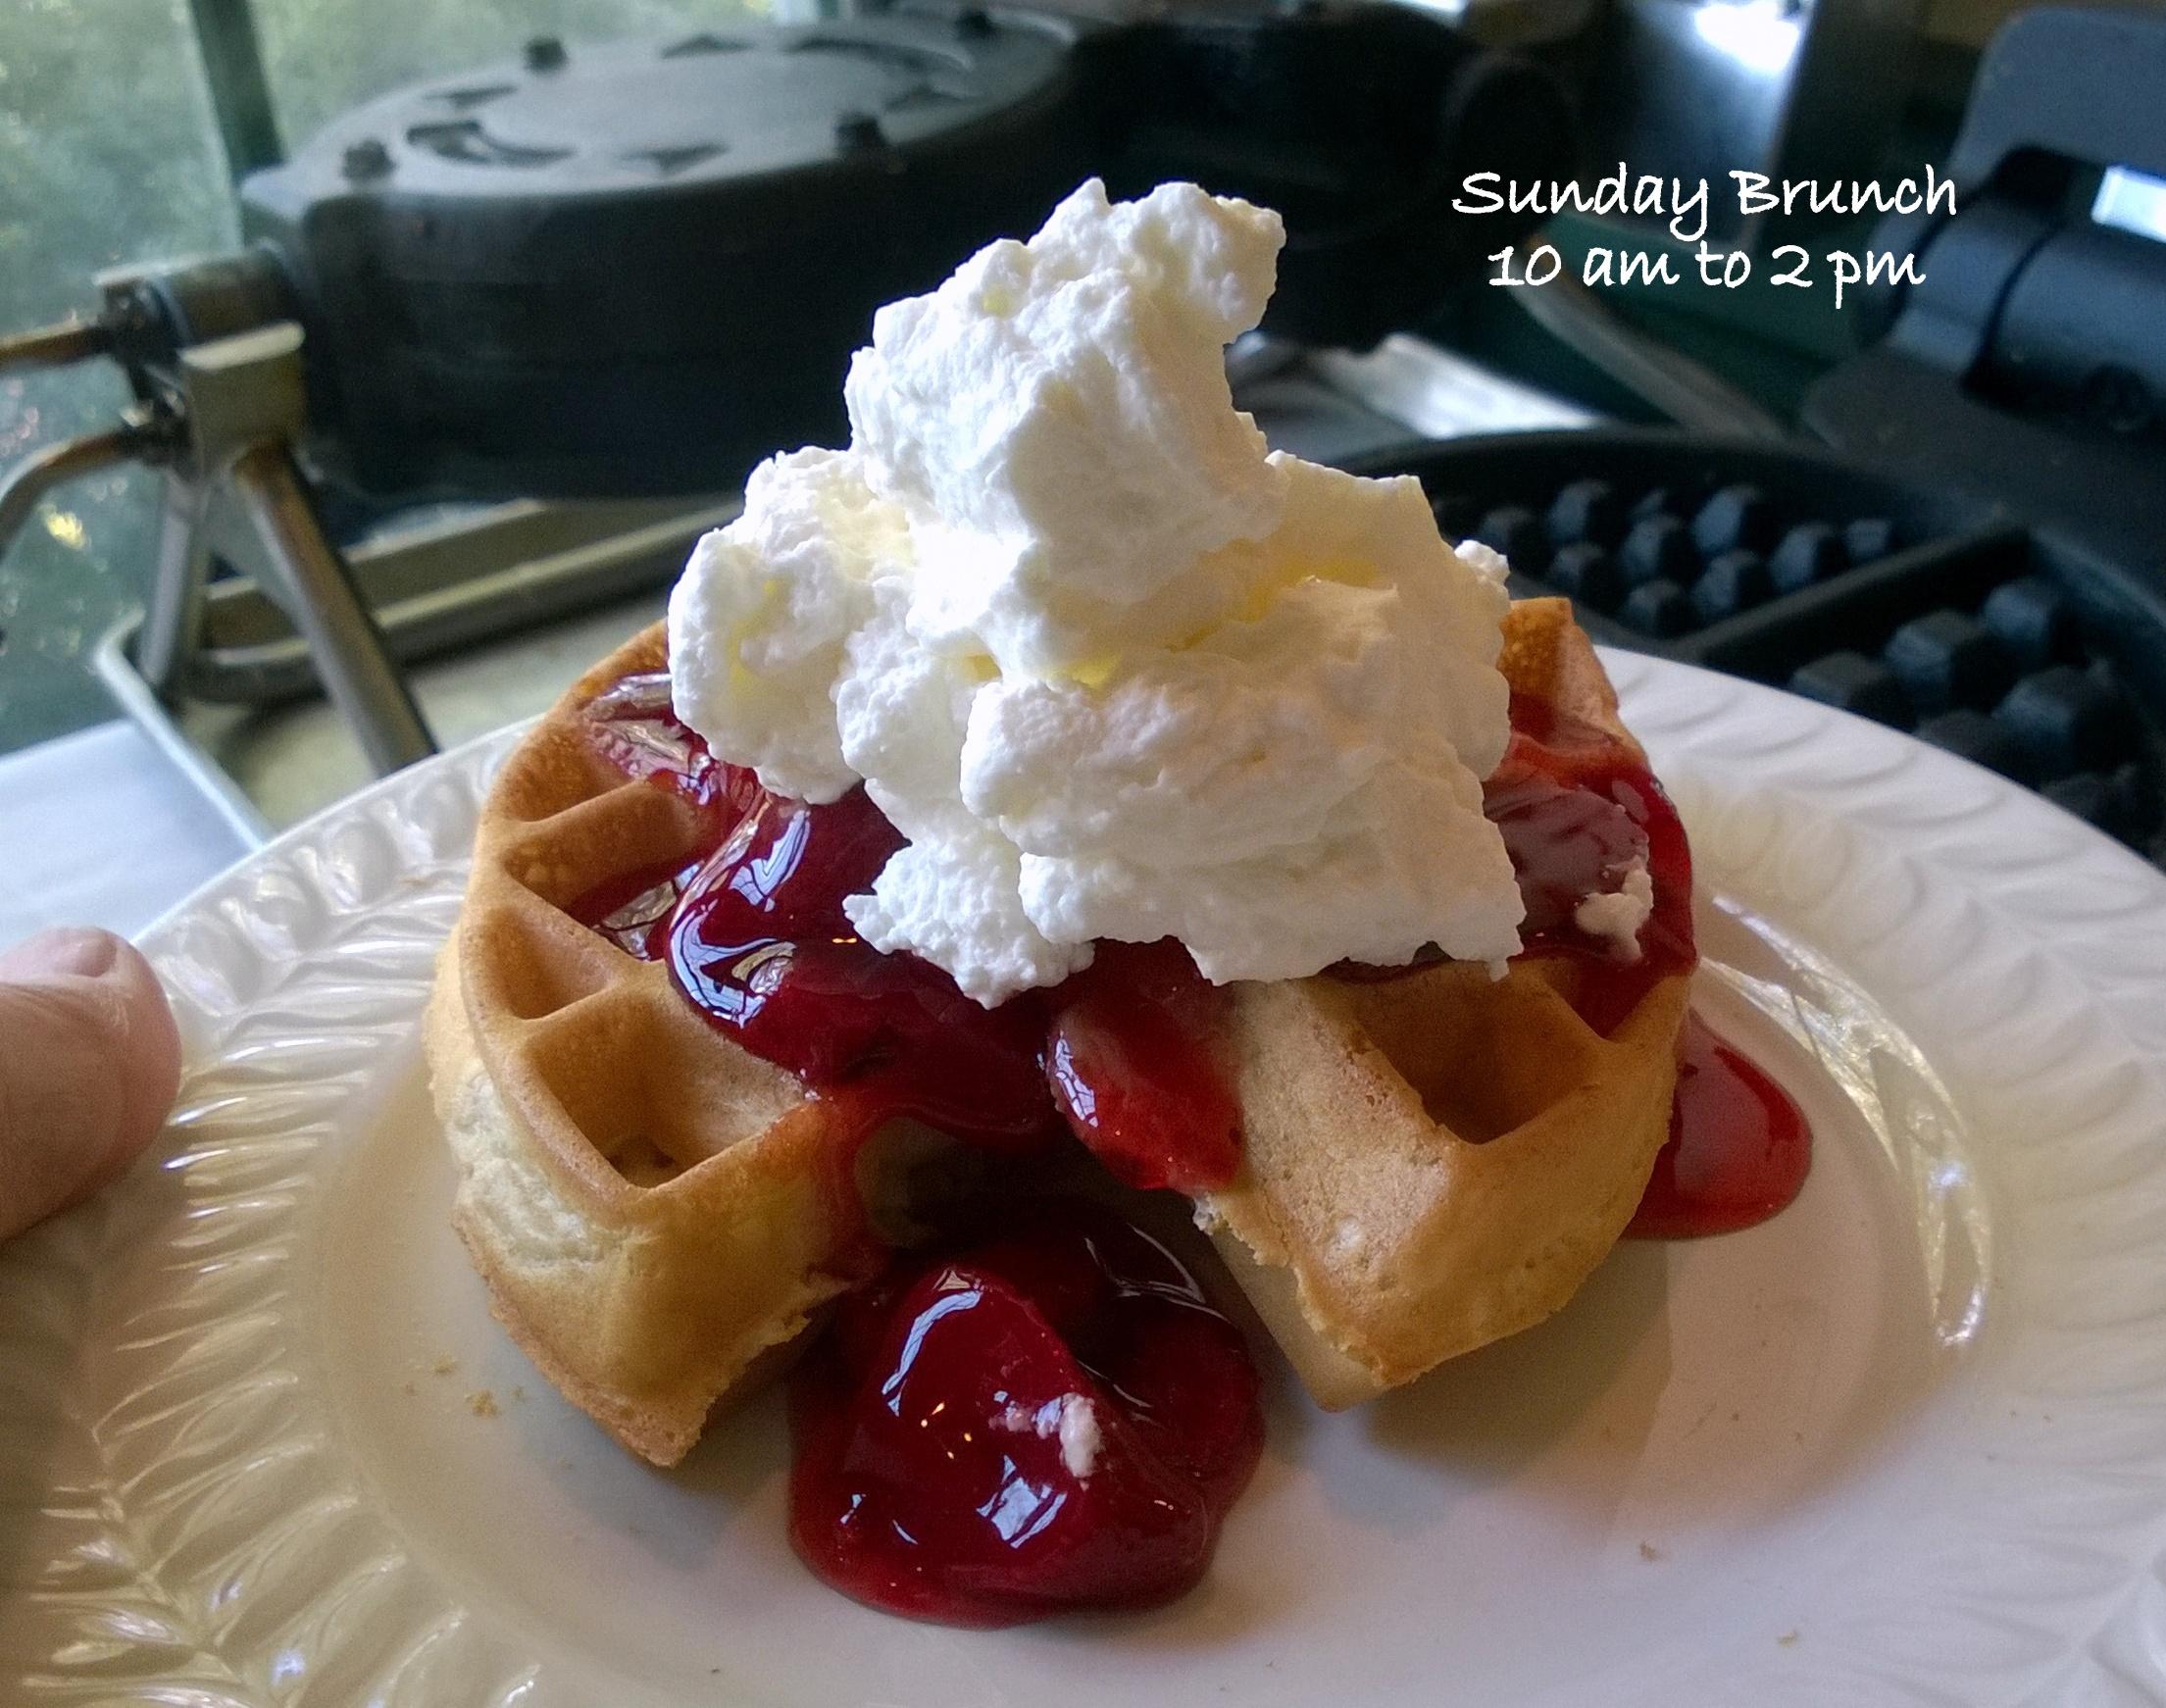 Waffle Sunday Brunch